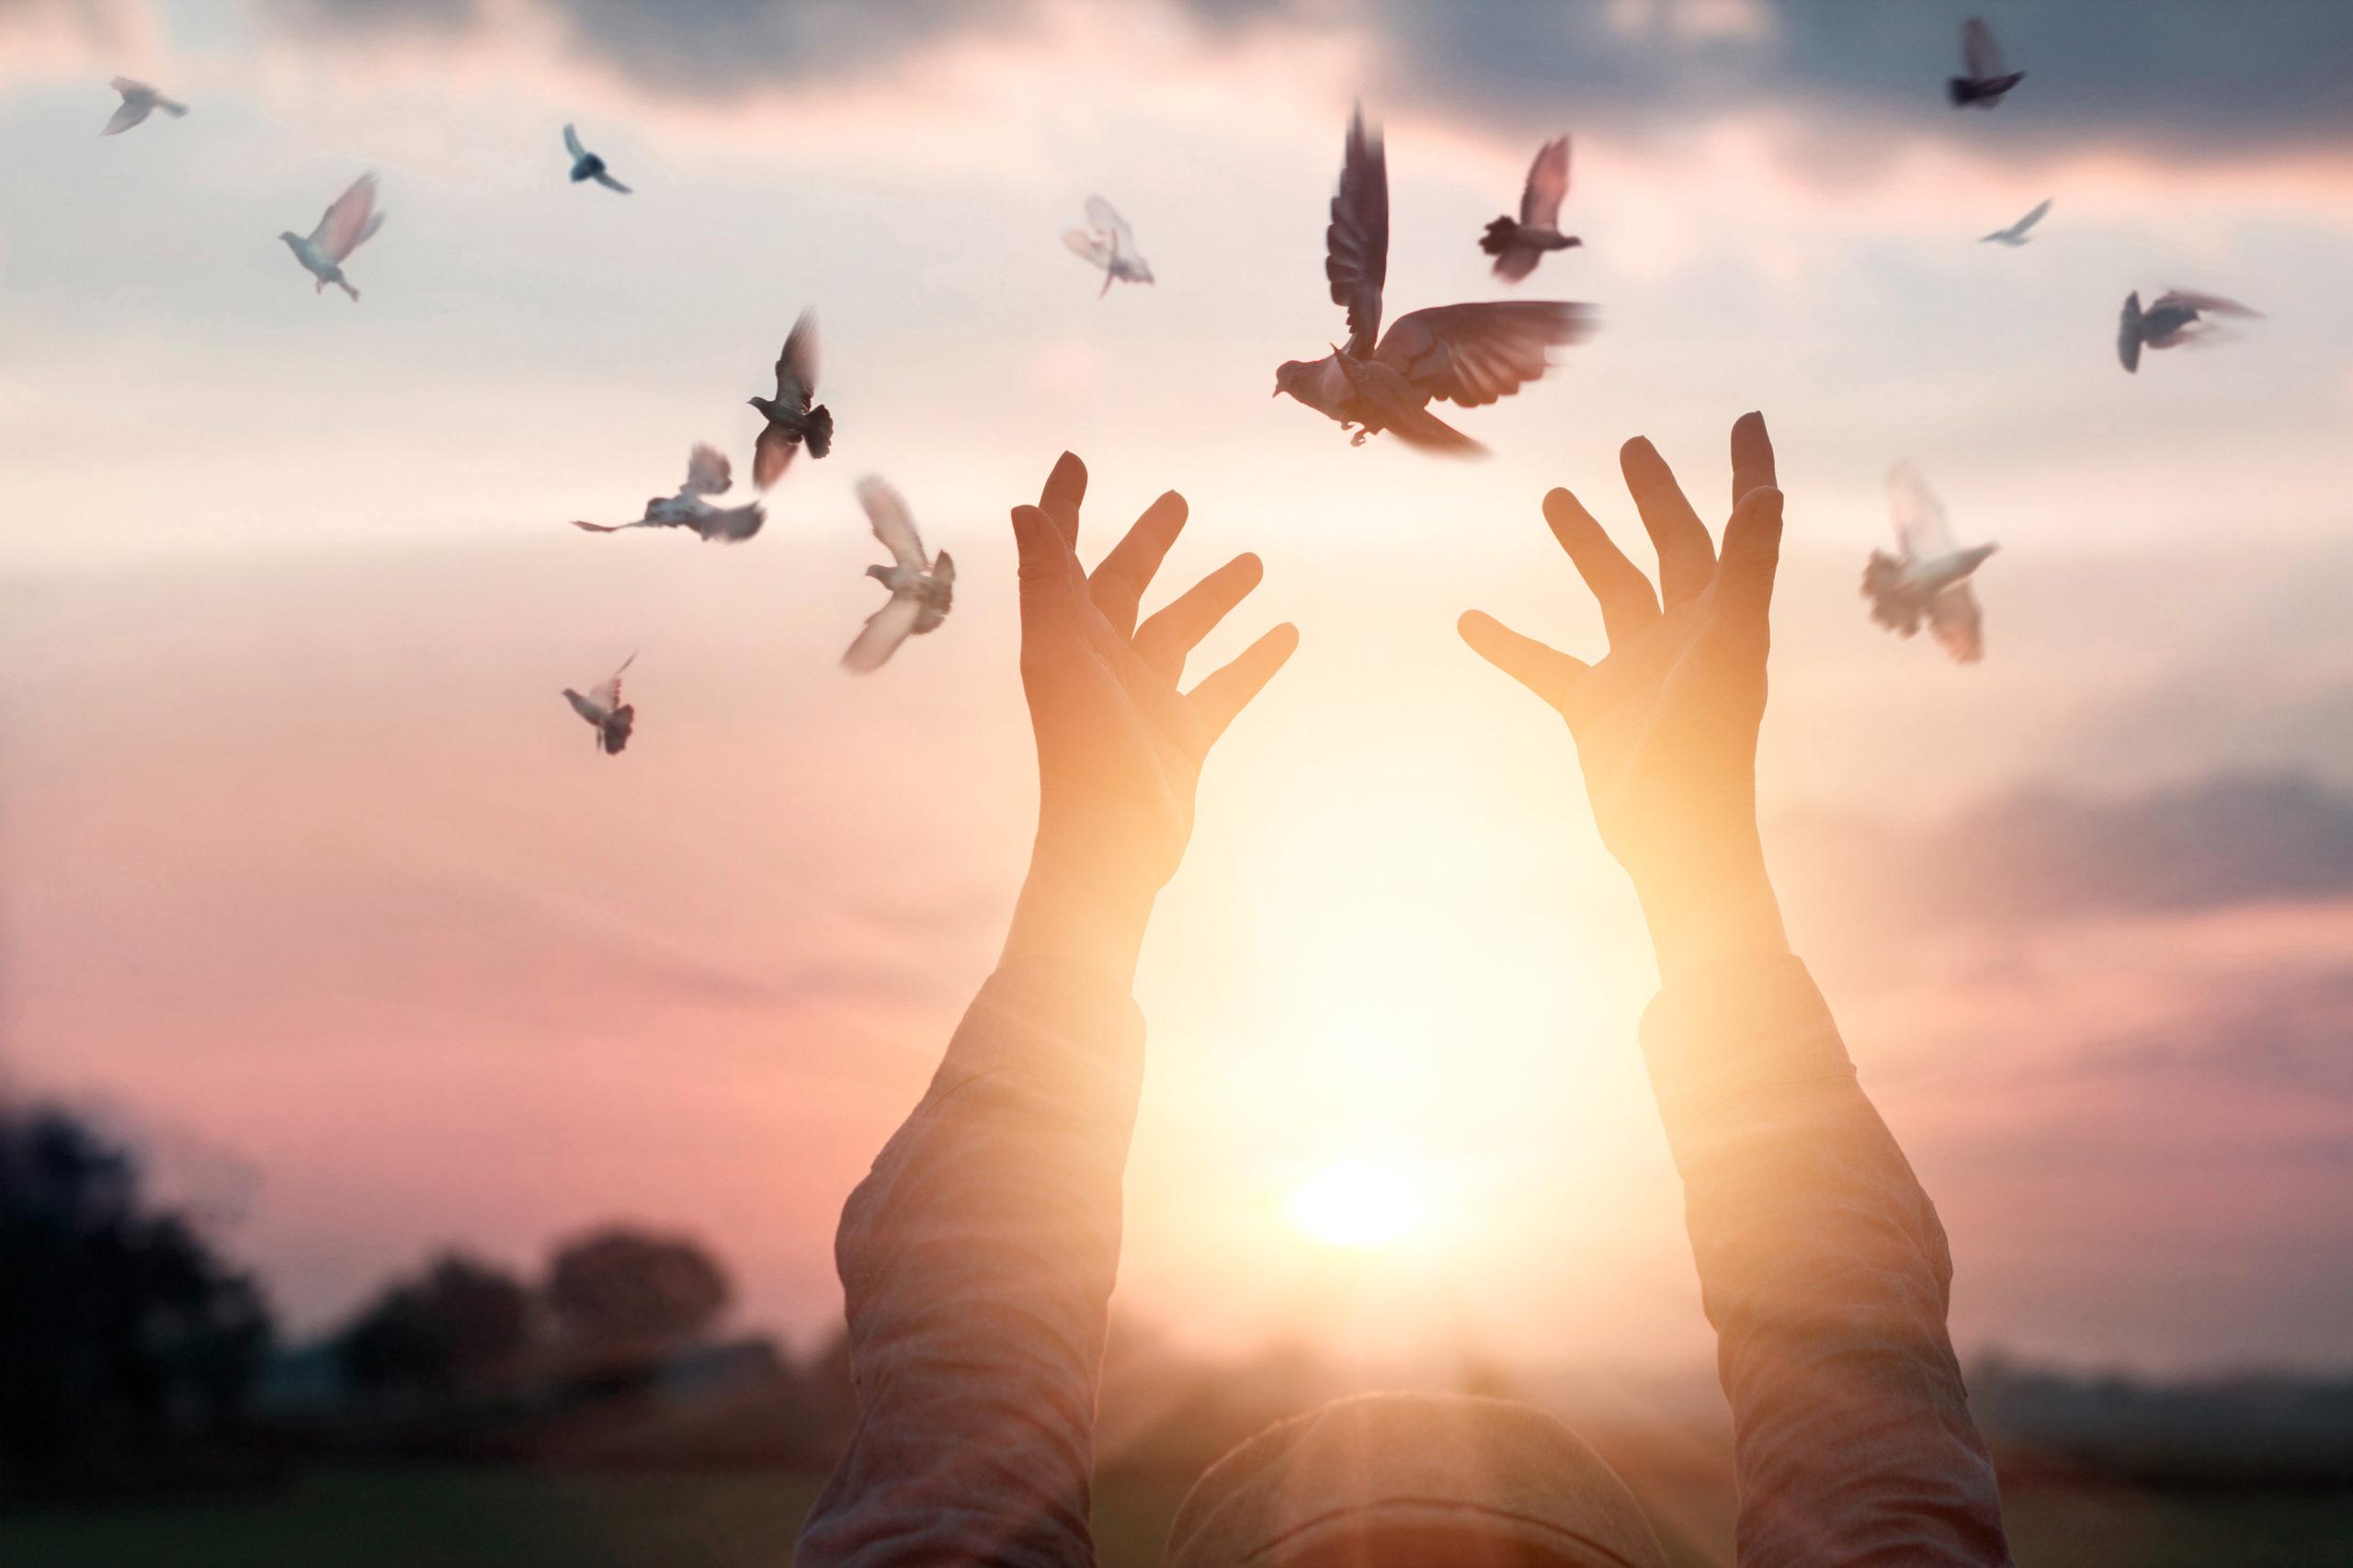 Apprendre à gérer son stress c'est révolutionner sa vie, la prendre en main, changer et progresser vers une meilleure version de soi-même